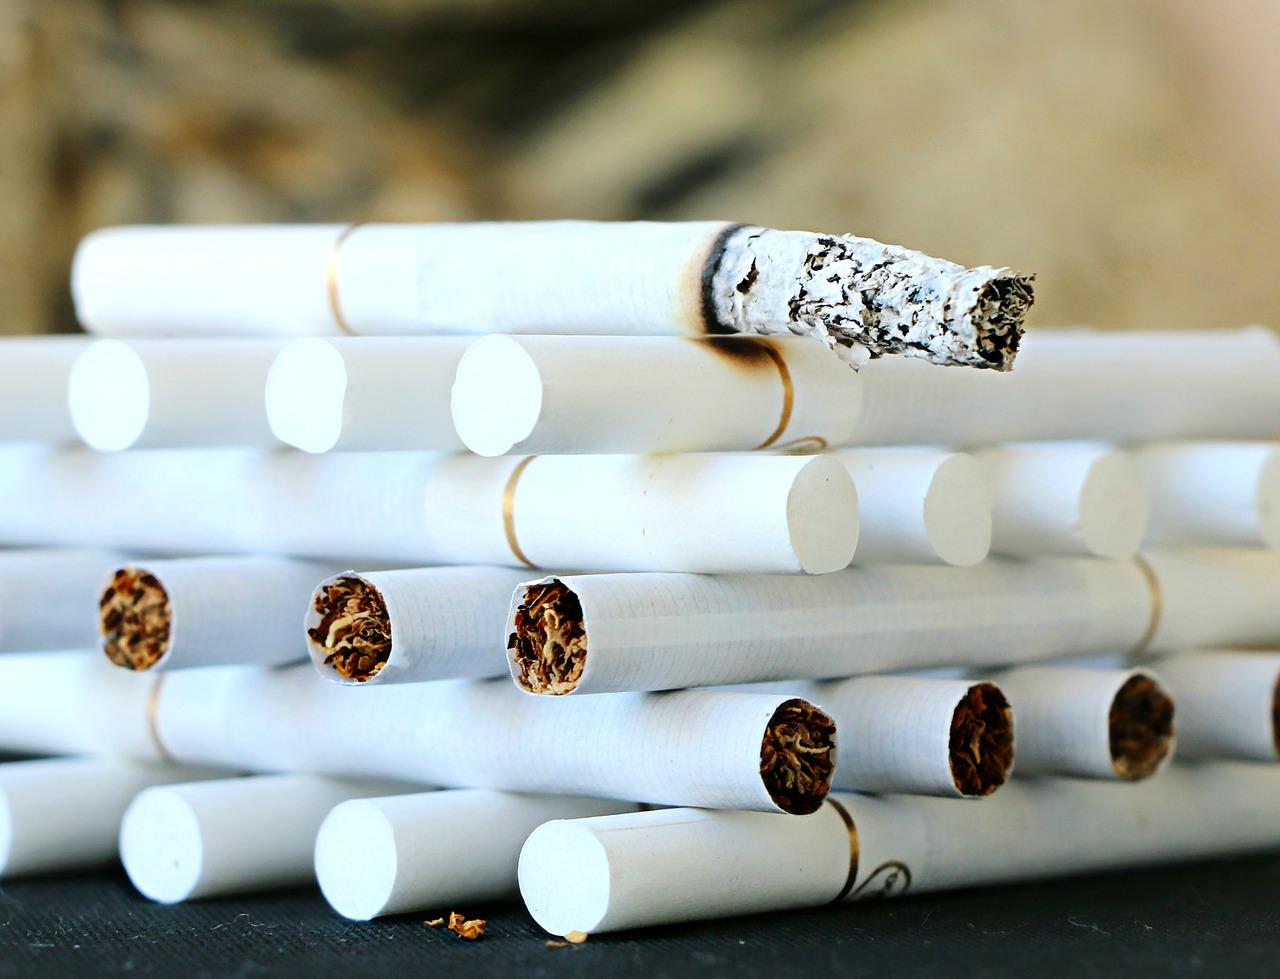 Жителя Казахстана посадили за ввоз нелегальных сигарет в Оренбуржье